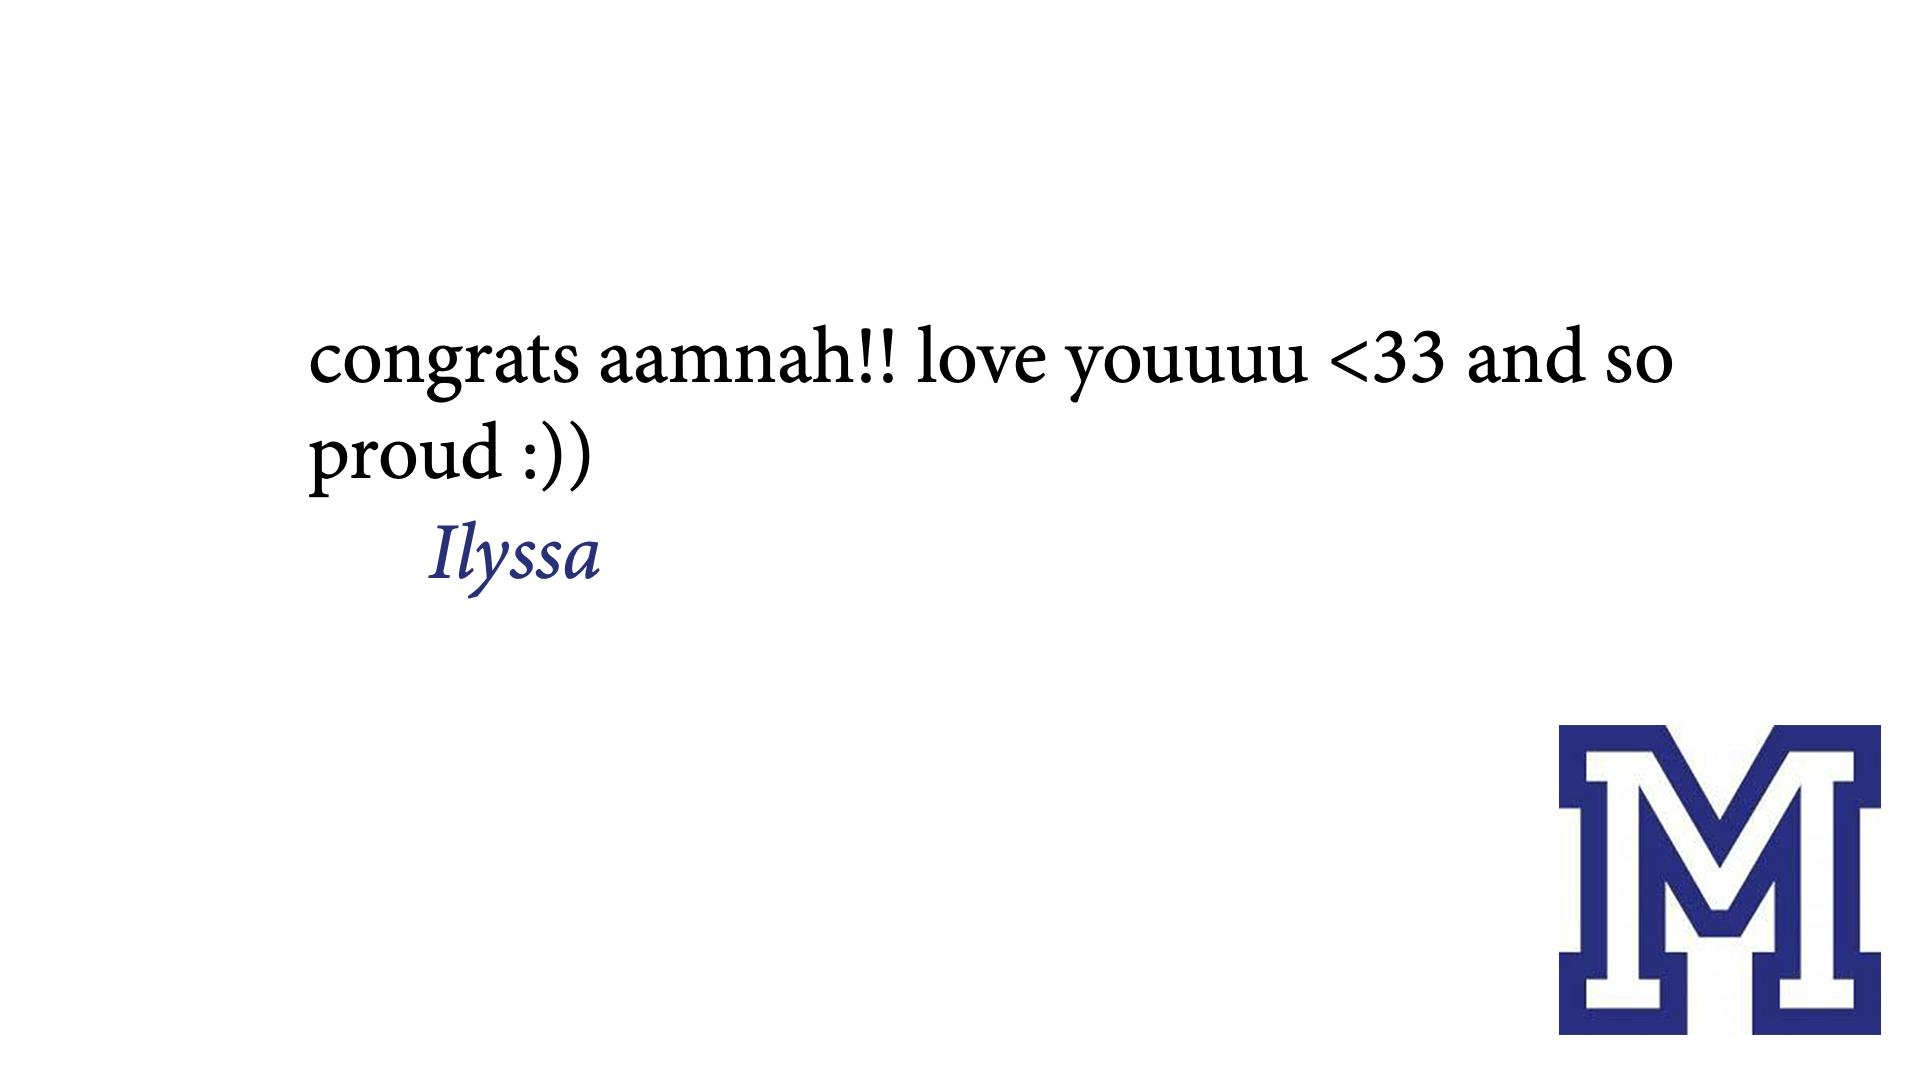 tbi_aamnah-ullah_4846.png